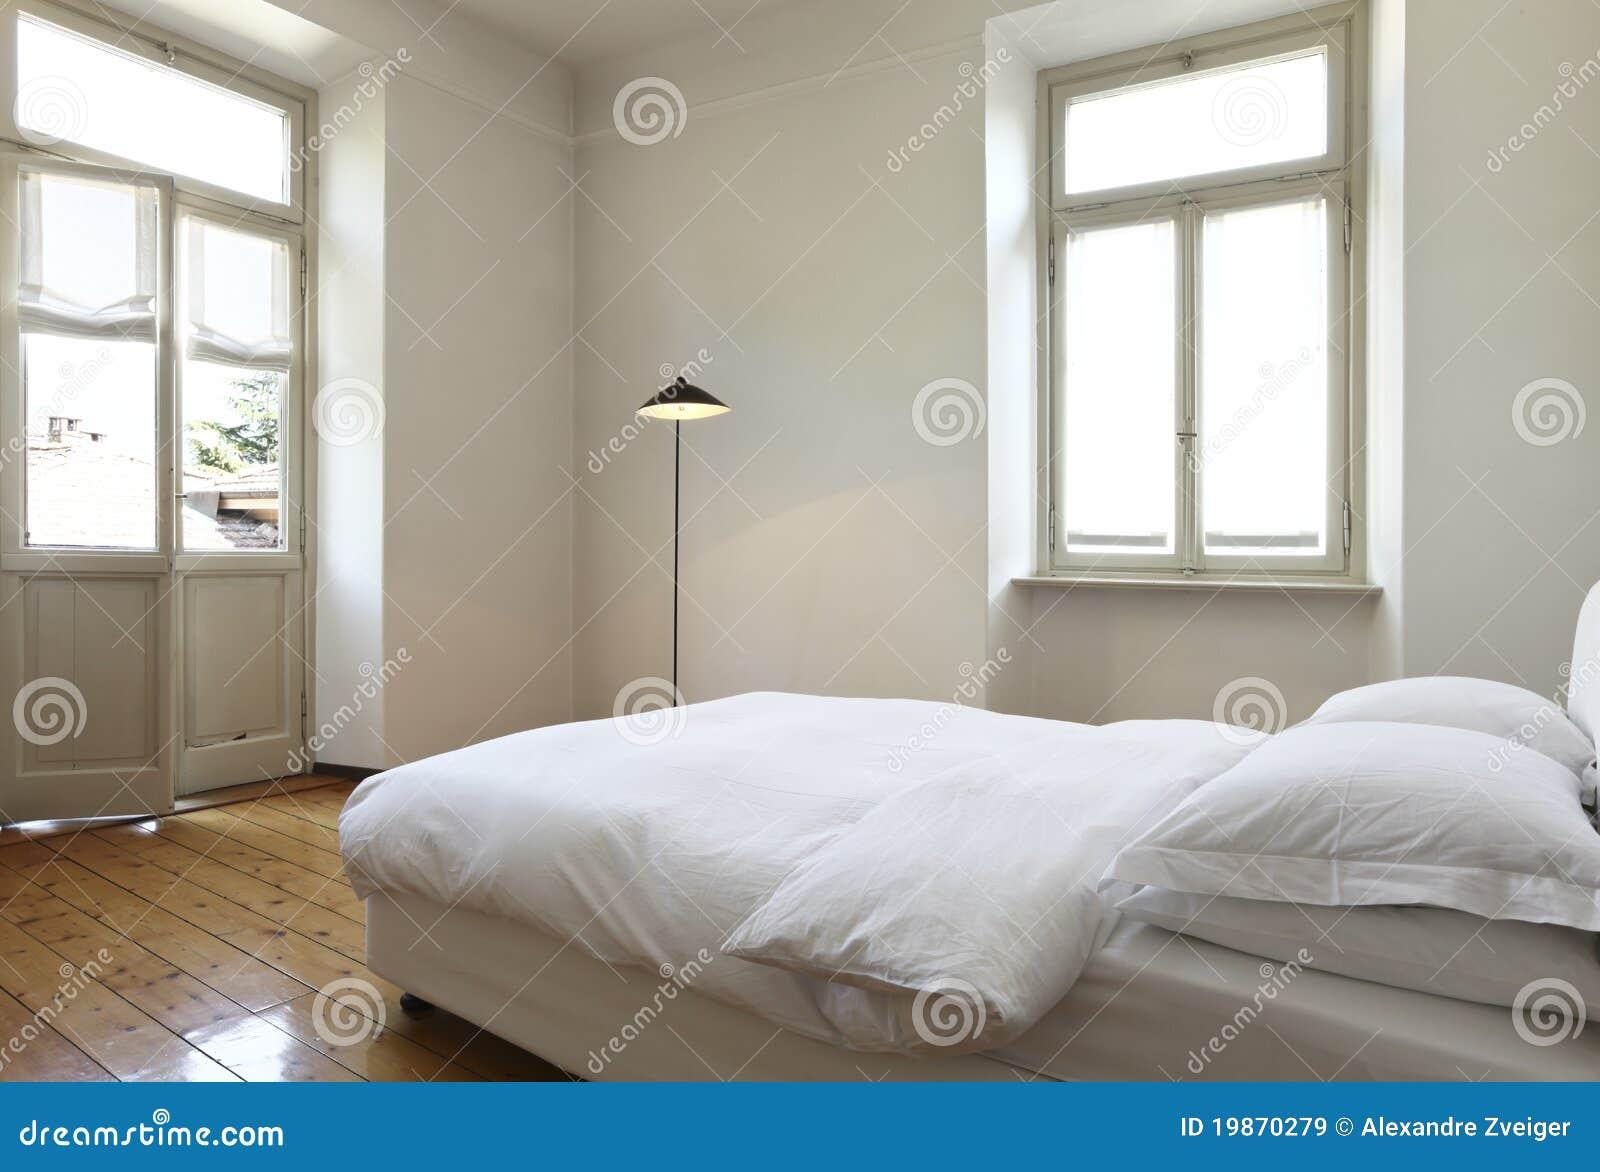 slaapkamer met een tweepersoonsbed en lampen